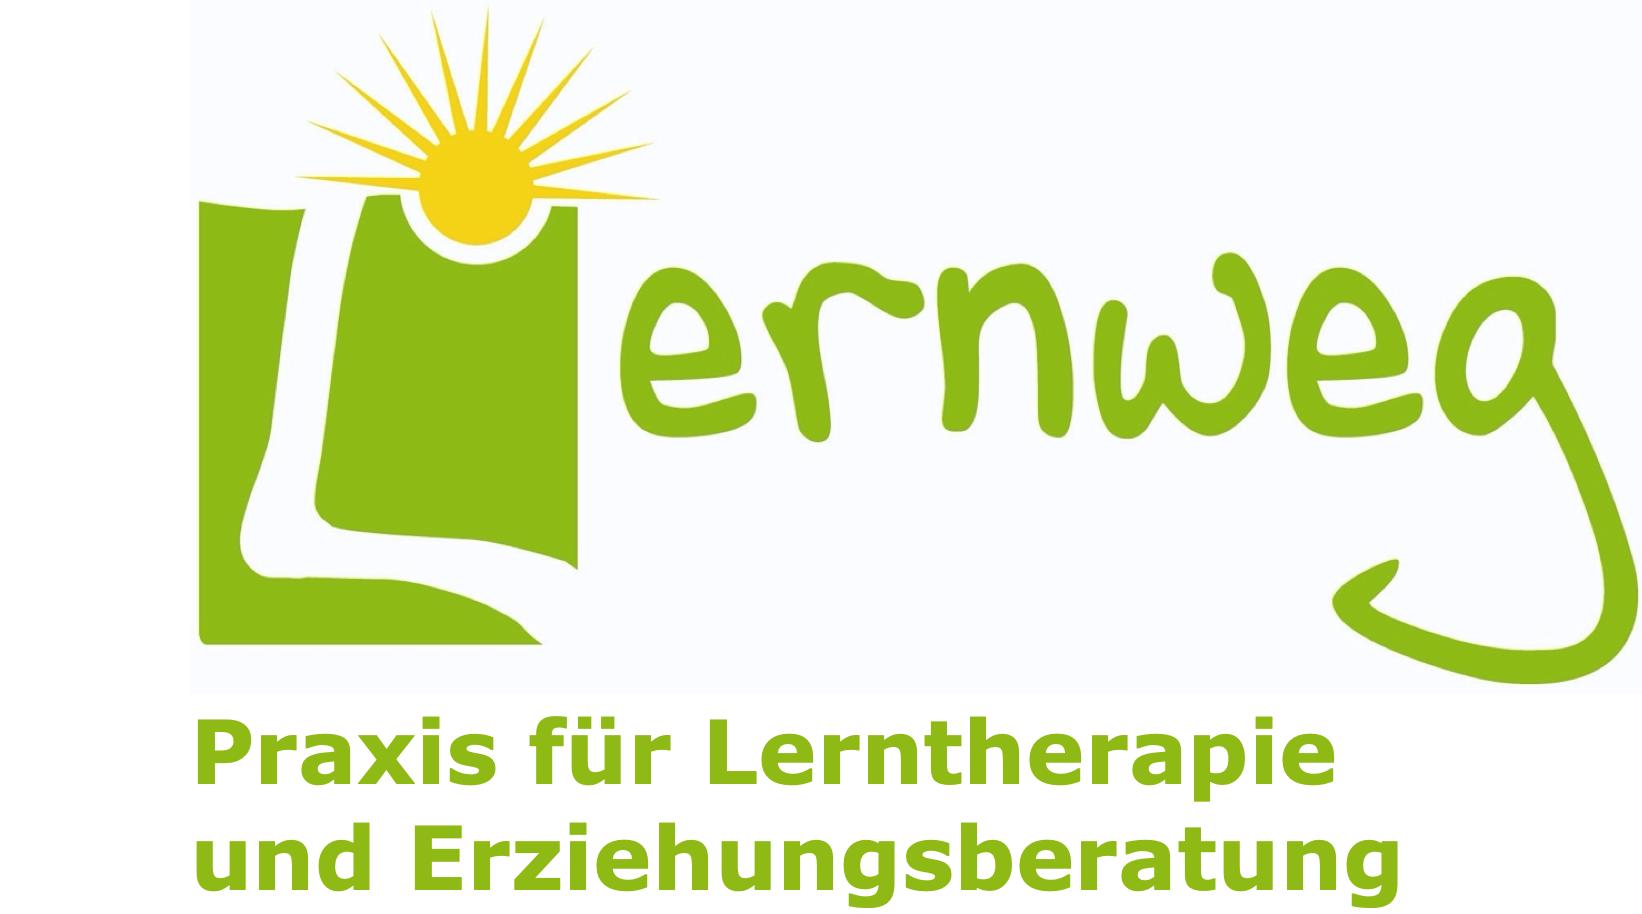 Praxis für Lerntherapie und Erziehungsberatung